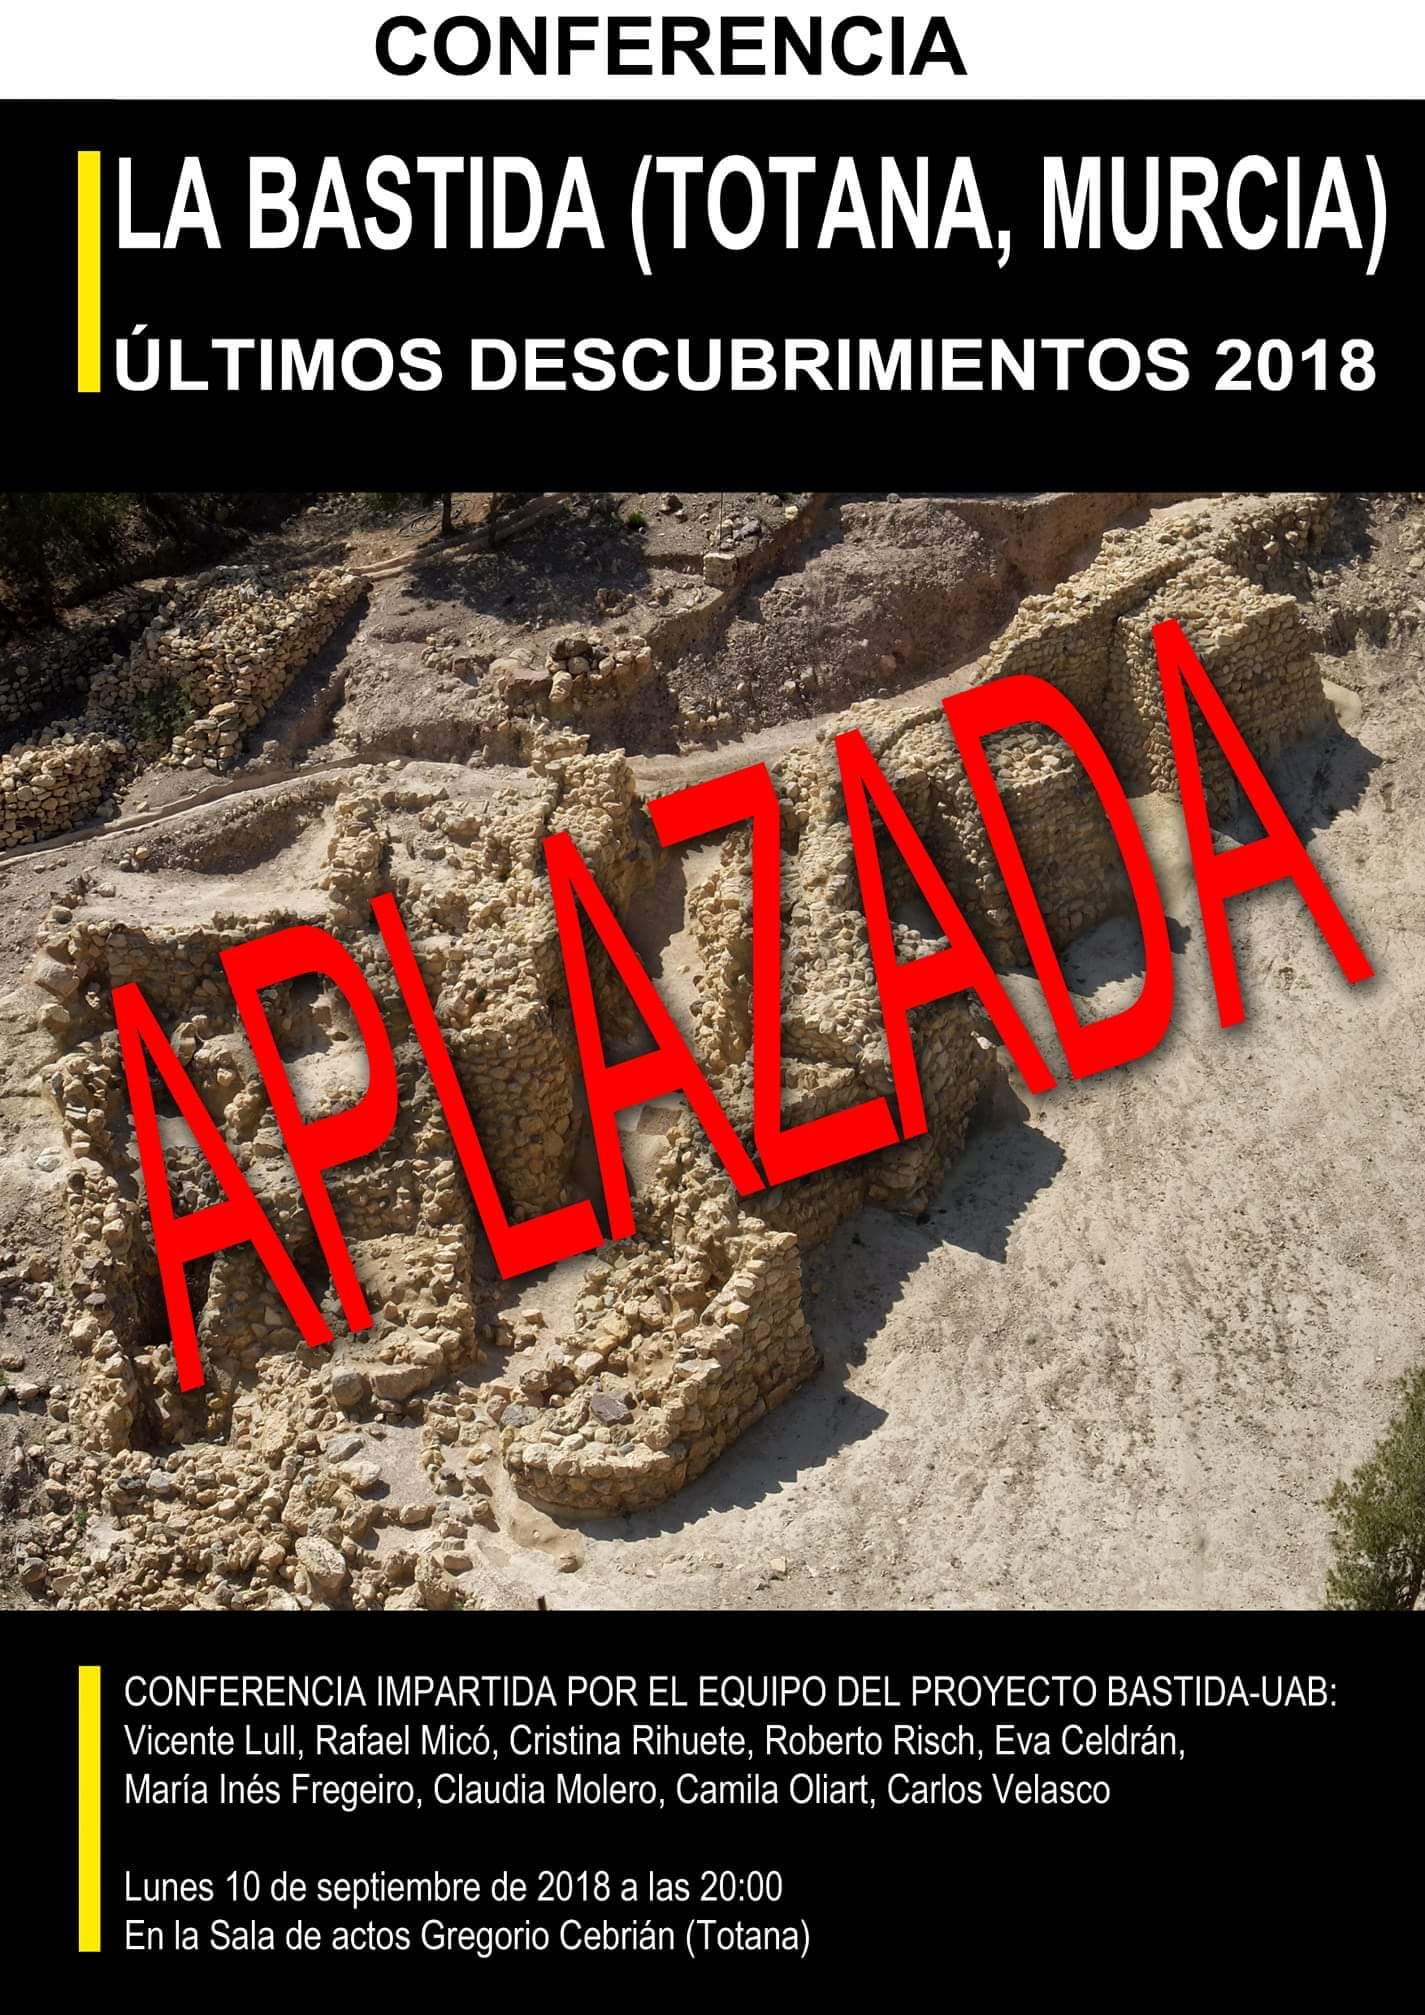 Conferencia sobre los últimos descubrimientos de La Bastida 2018, con el Proyecto Bastida-UAB